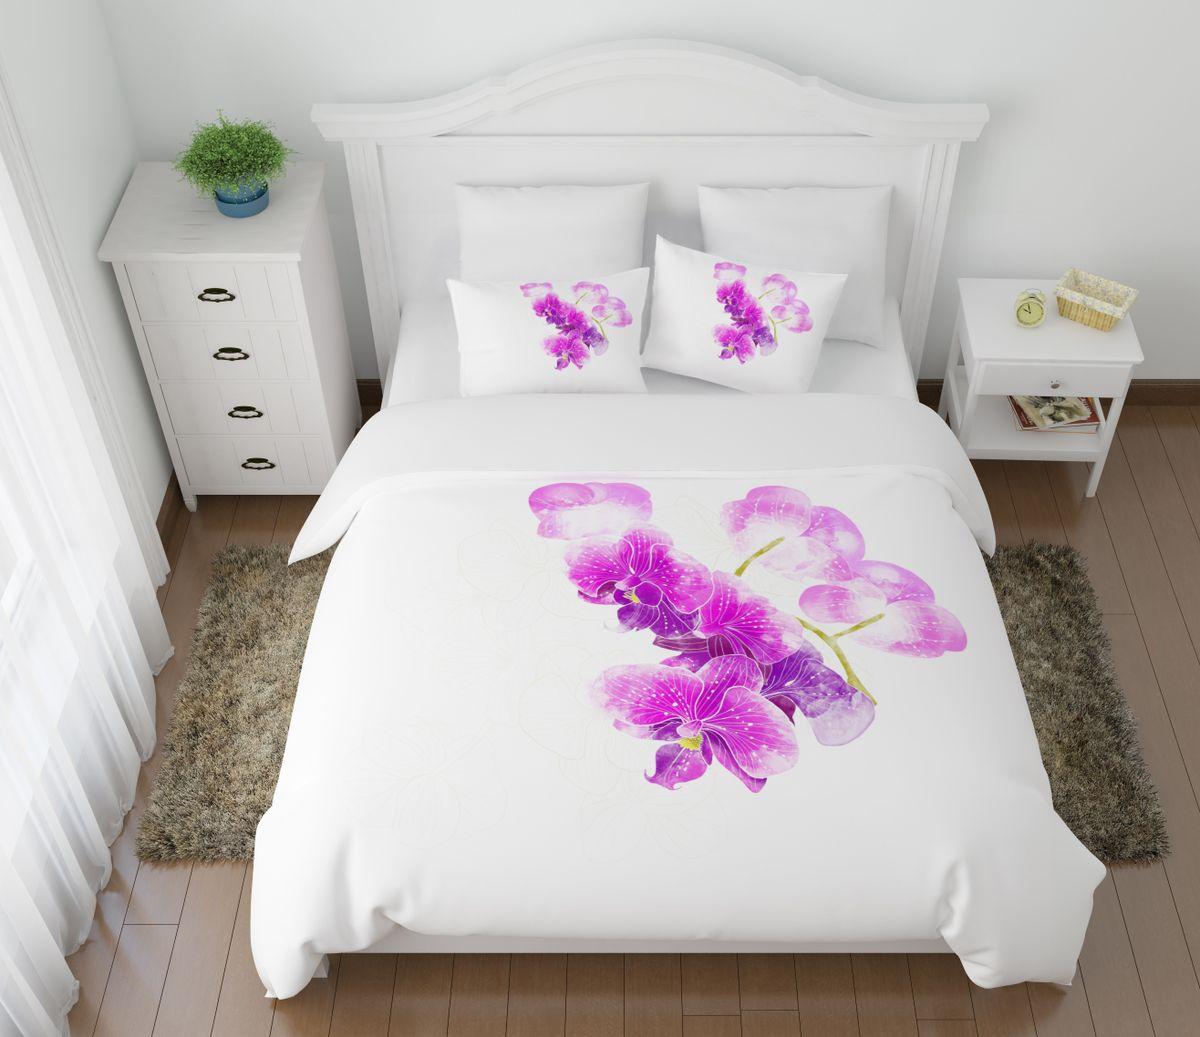 Комплект белья Сирень Ветка орхидеи, семейный, наволочки 50х70, 70х70ES-412Комплект постельного белья Сирень выполнен из прочной и мягкой ткани. Четкий и стильный рисунок в сочетании с насыщенными красками делают комплект постельного белья неповторимой изюминкой любого интерьера. Постельное белье идеально подойдет для подарка. Идеальное соотношение смешенной ткани и гипоаллергенных красок это гарантия здорового, спокойного сна. Ткань хорошо впитывает влагу, надолго сохраняет яркость красок. Цвет простыни, пододеяльника, наволочки в комплектации может немного отличаться от представленного на фото. В комплект входят: простыня - 220 х 240 см; пододельяник 145 х 210 см 2 шт; наволочка 50 х 70 см 2 шт, 70 х 70 см 2 шт.Постельное белье легко стирать при 30-40 градусах, гладить при 150 градусах, не отбеливать. Рекомендуется перед первым изпользованием постирать.